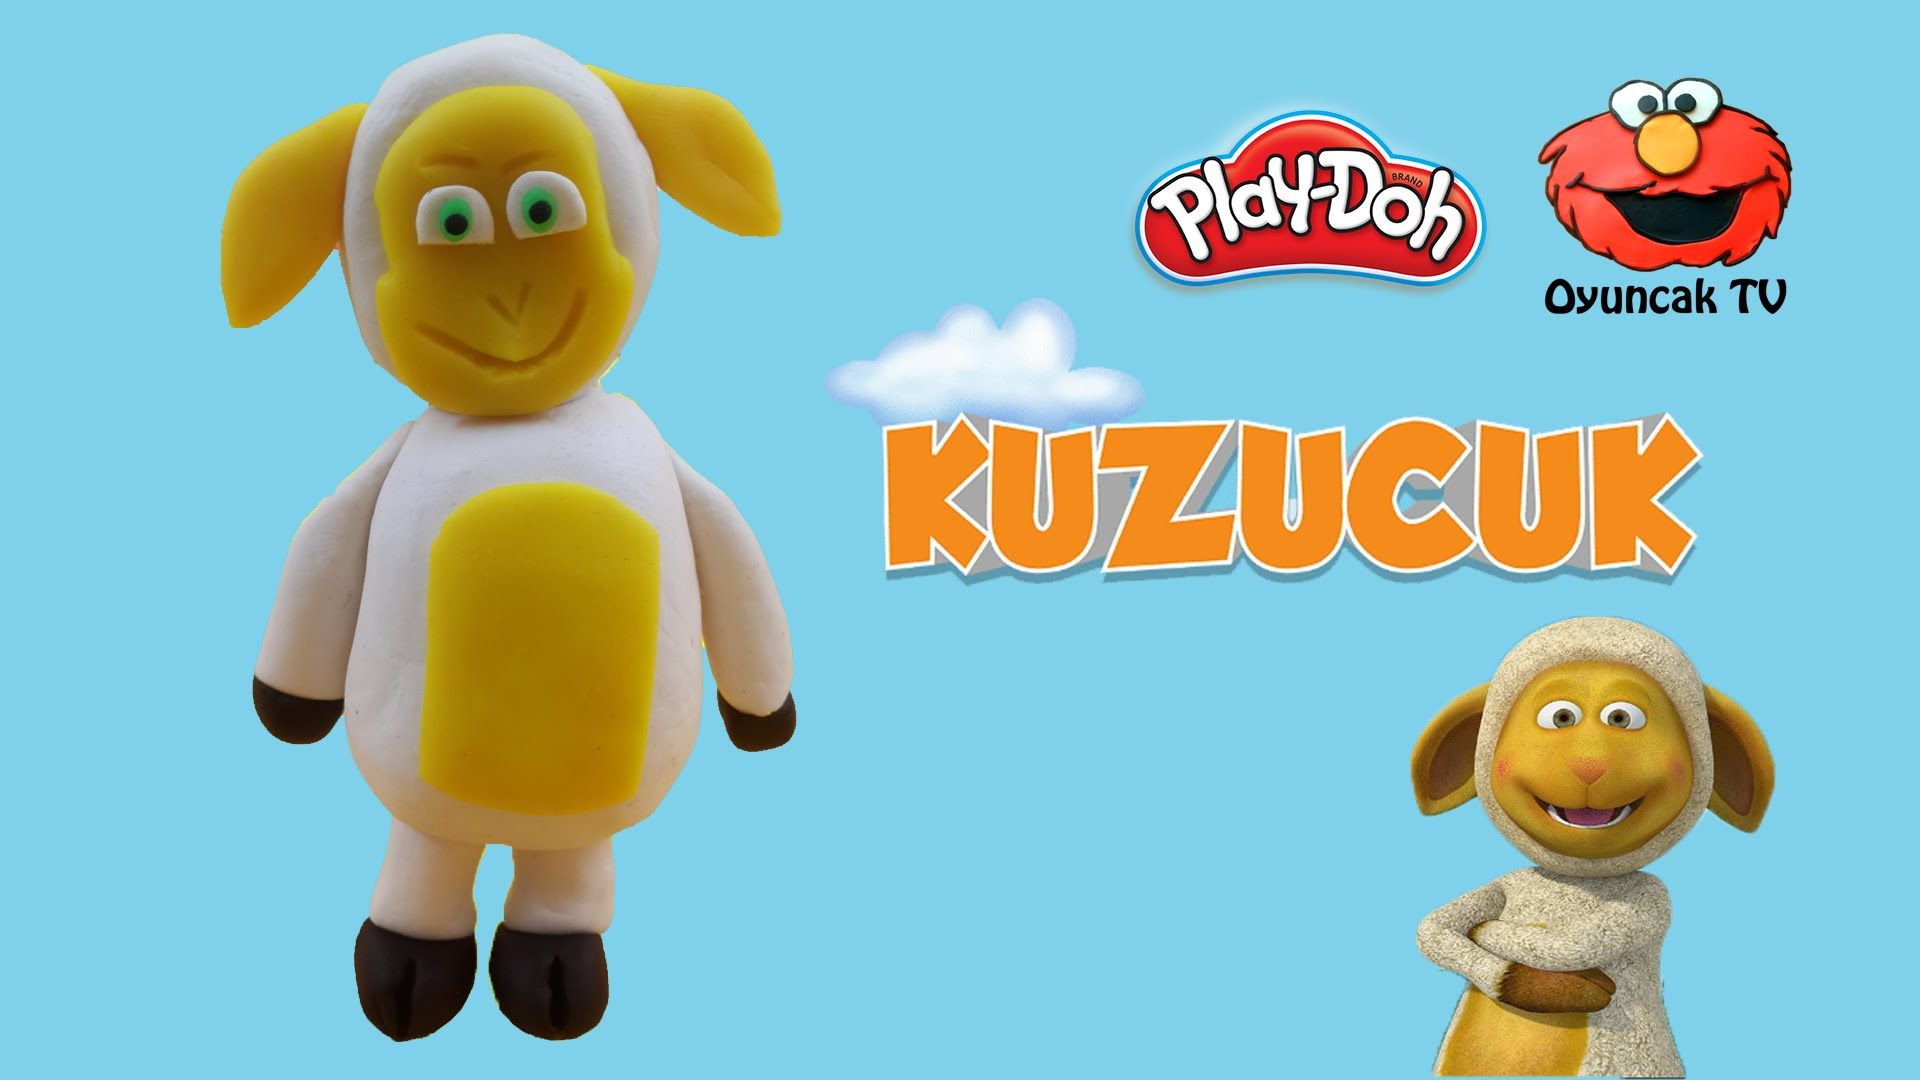 Trt Kuzucuk Karakteri Play Doh Oyun Hamuru Ile Yapimi Oyun Hamuru Play Doh Oyun